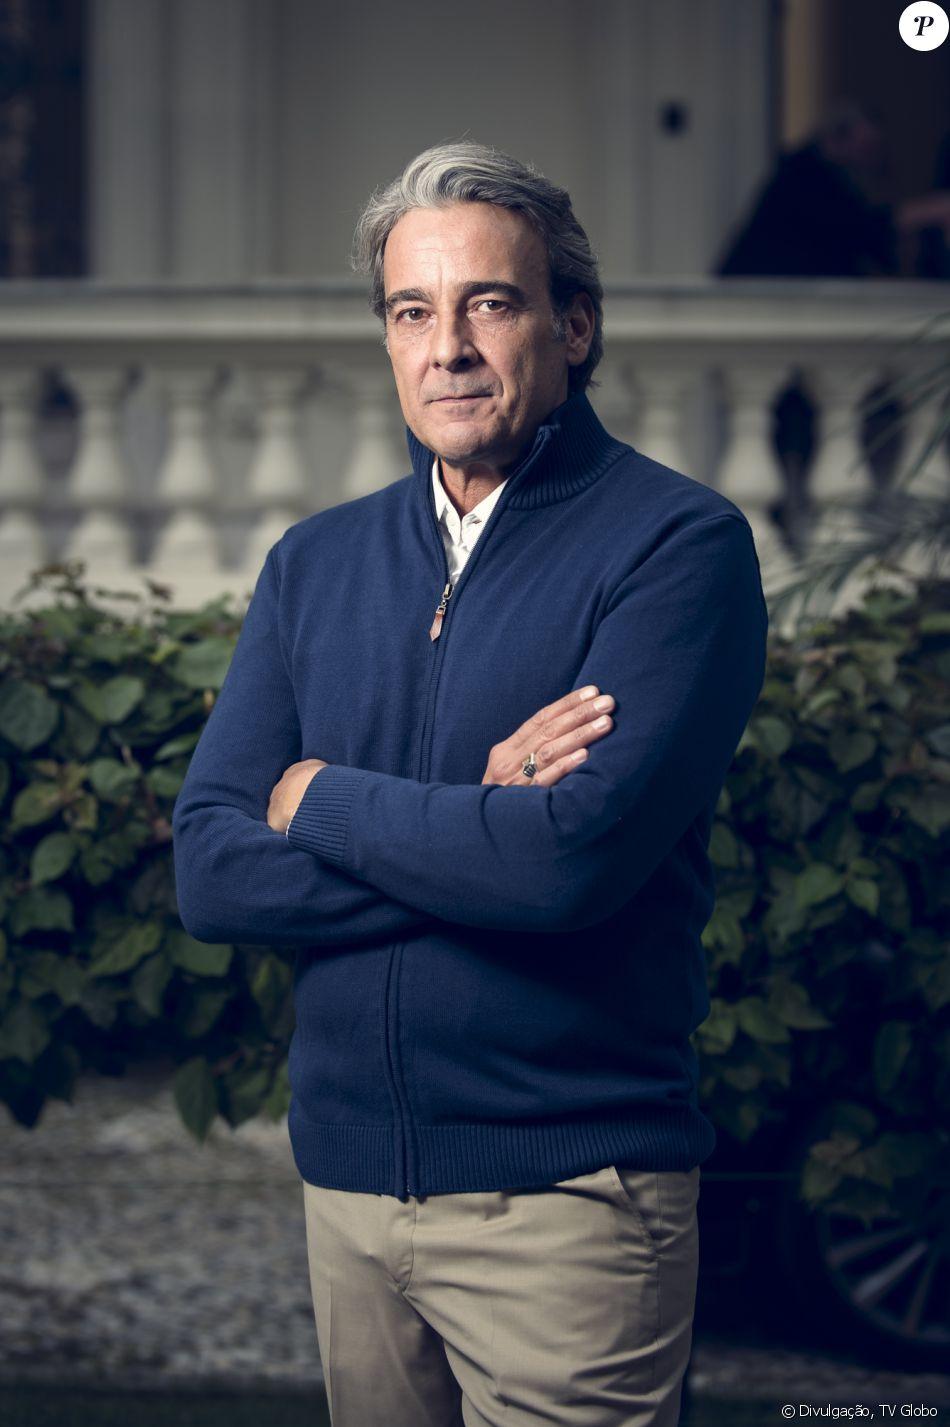 Globo nega diminuir papel de Alexandre Borges em novela: 'Informação não procede'